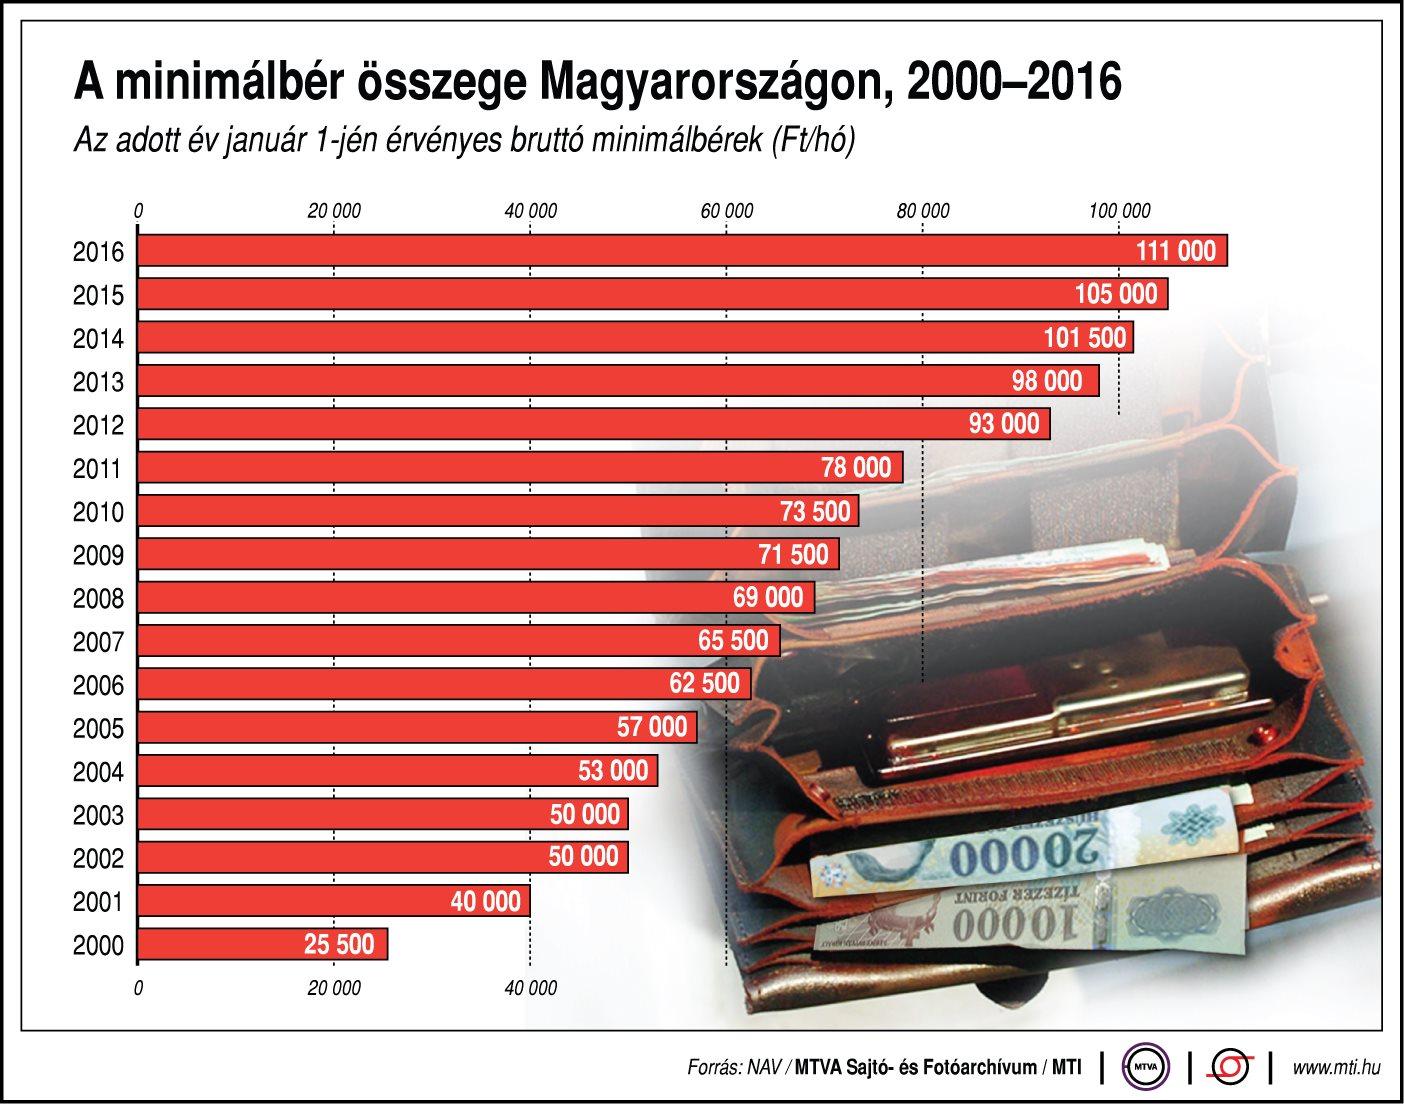 Hogyan alakul a minimálbér összege Magyarországon?